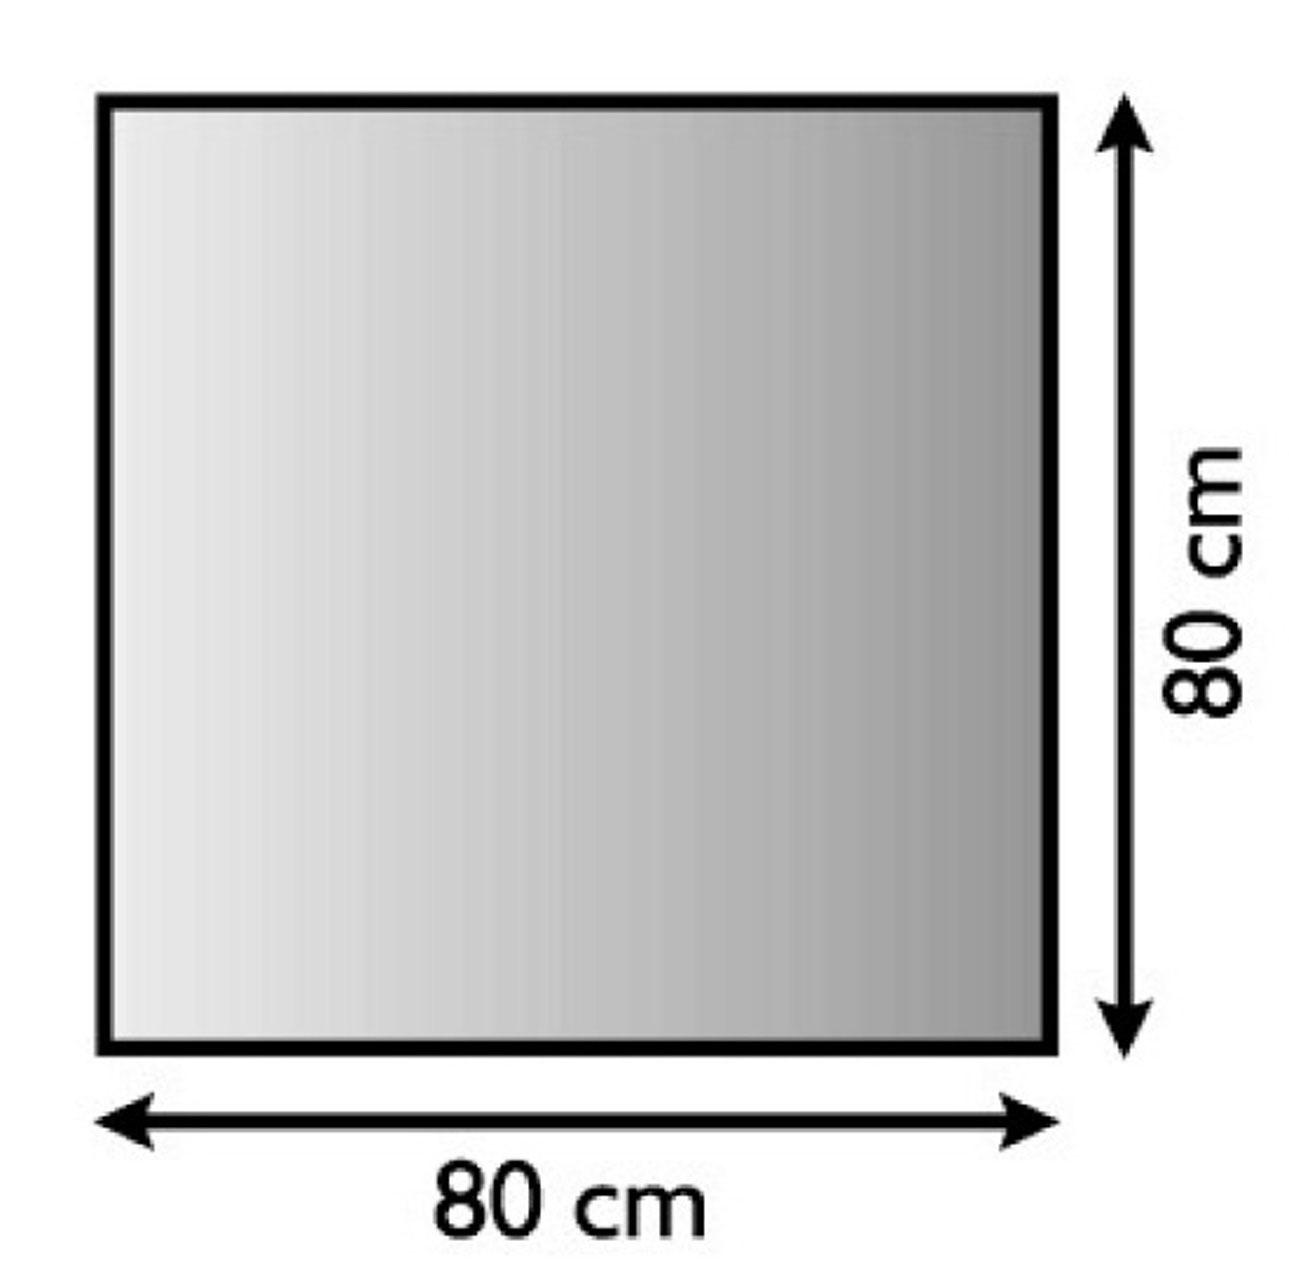 Funkenschutzplatte / Bodenblech Lienbacher schwarz 4-Eck 80x80cm Bild 1